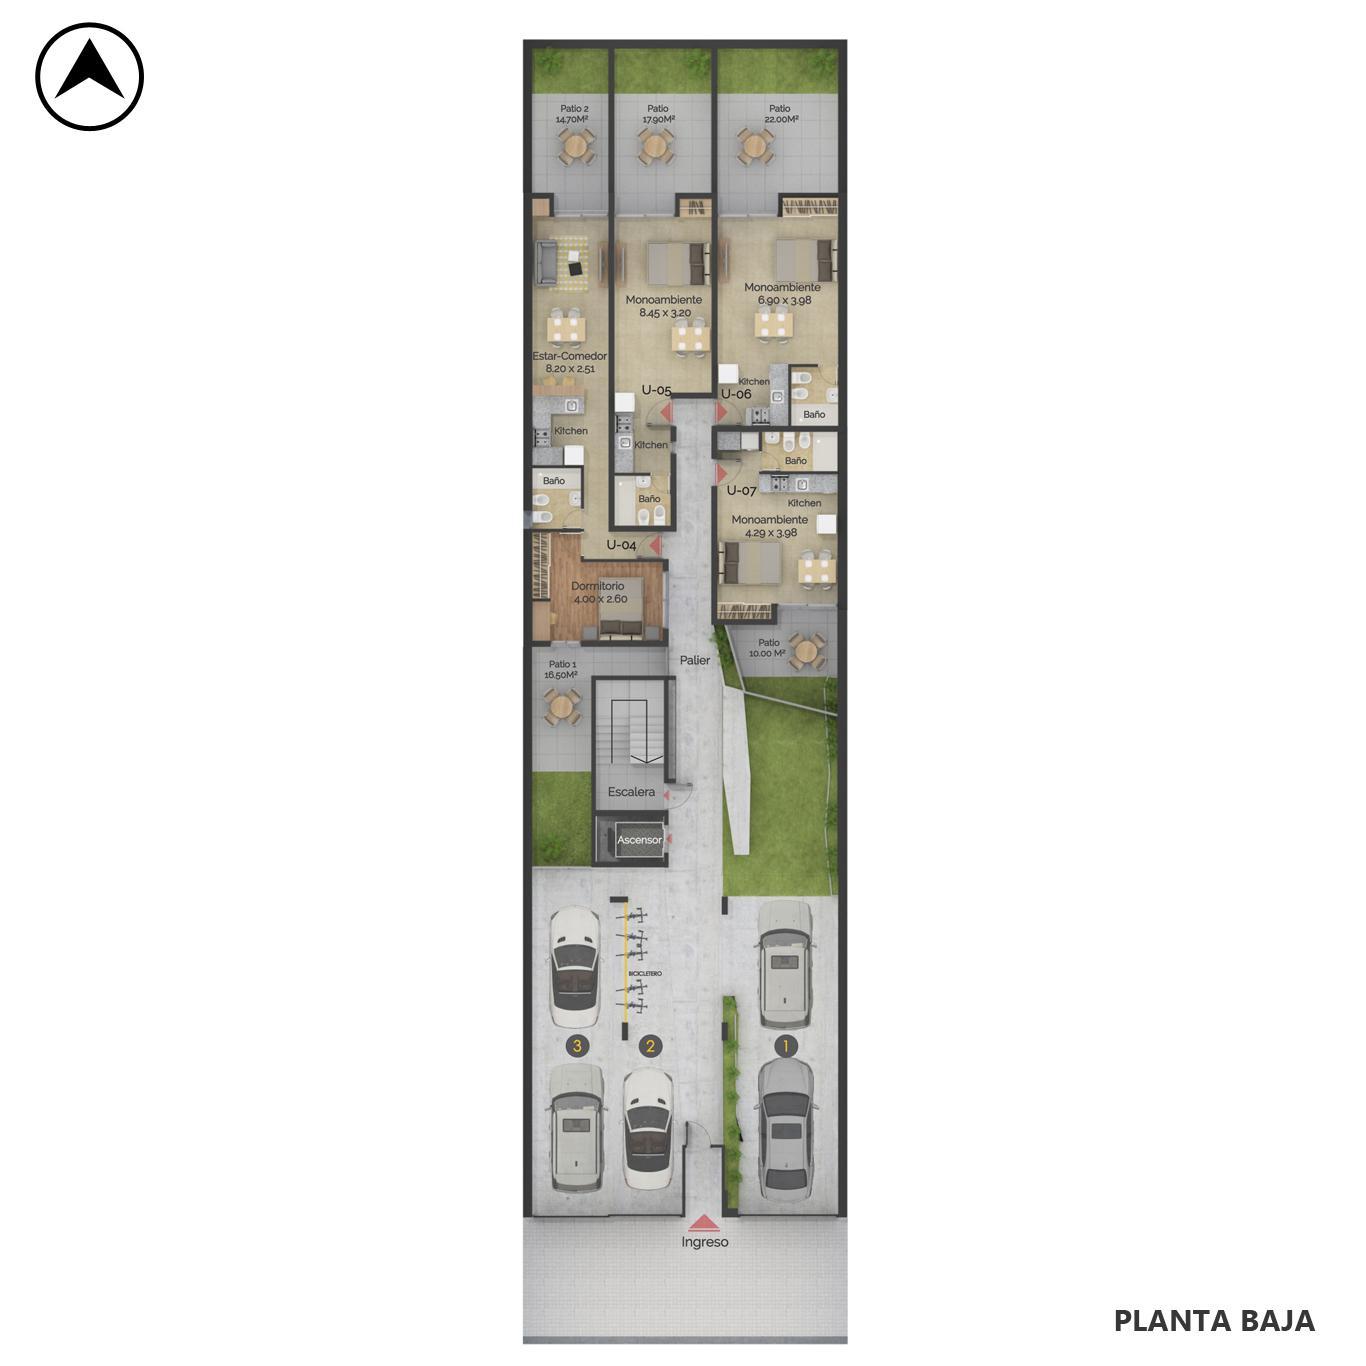 Venta departamento monoambiente Rosario, Centro Oeste. Cod CBU24040 AP2248195. Crestale Propiedades